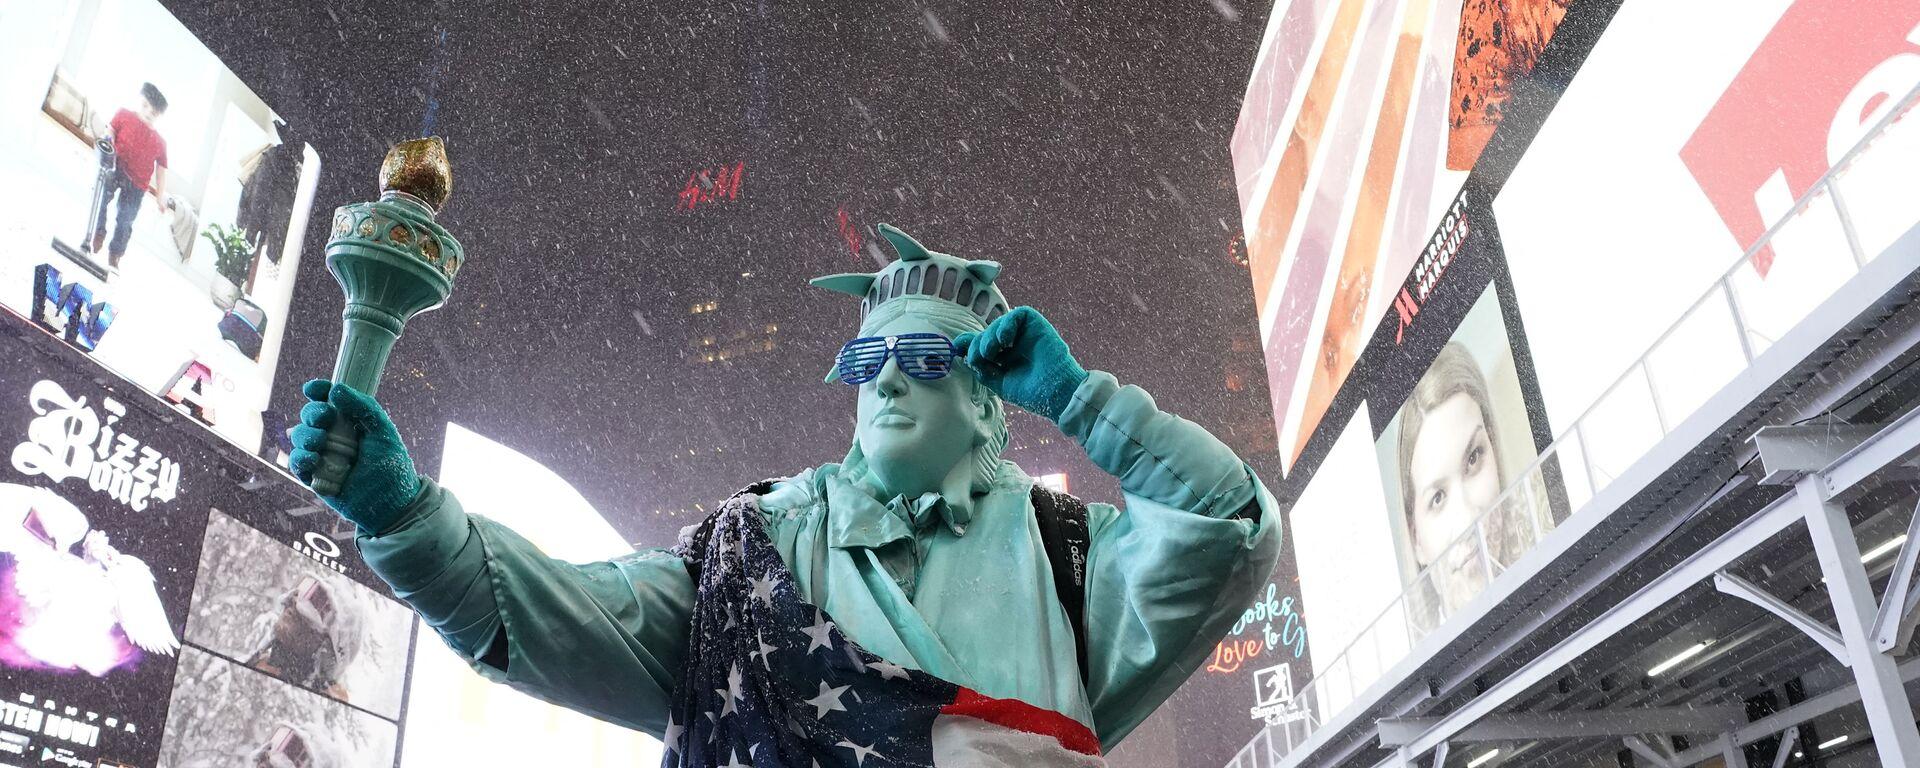 Человек в костюме Статуи Свободы на Таймс-сквер в Нью-Йорке - Sputnik Узбекистан, 1920, 05.03.2021